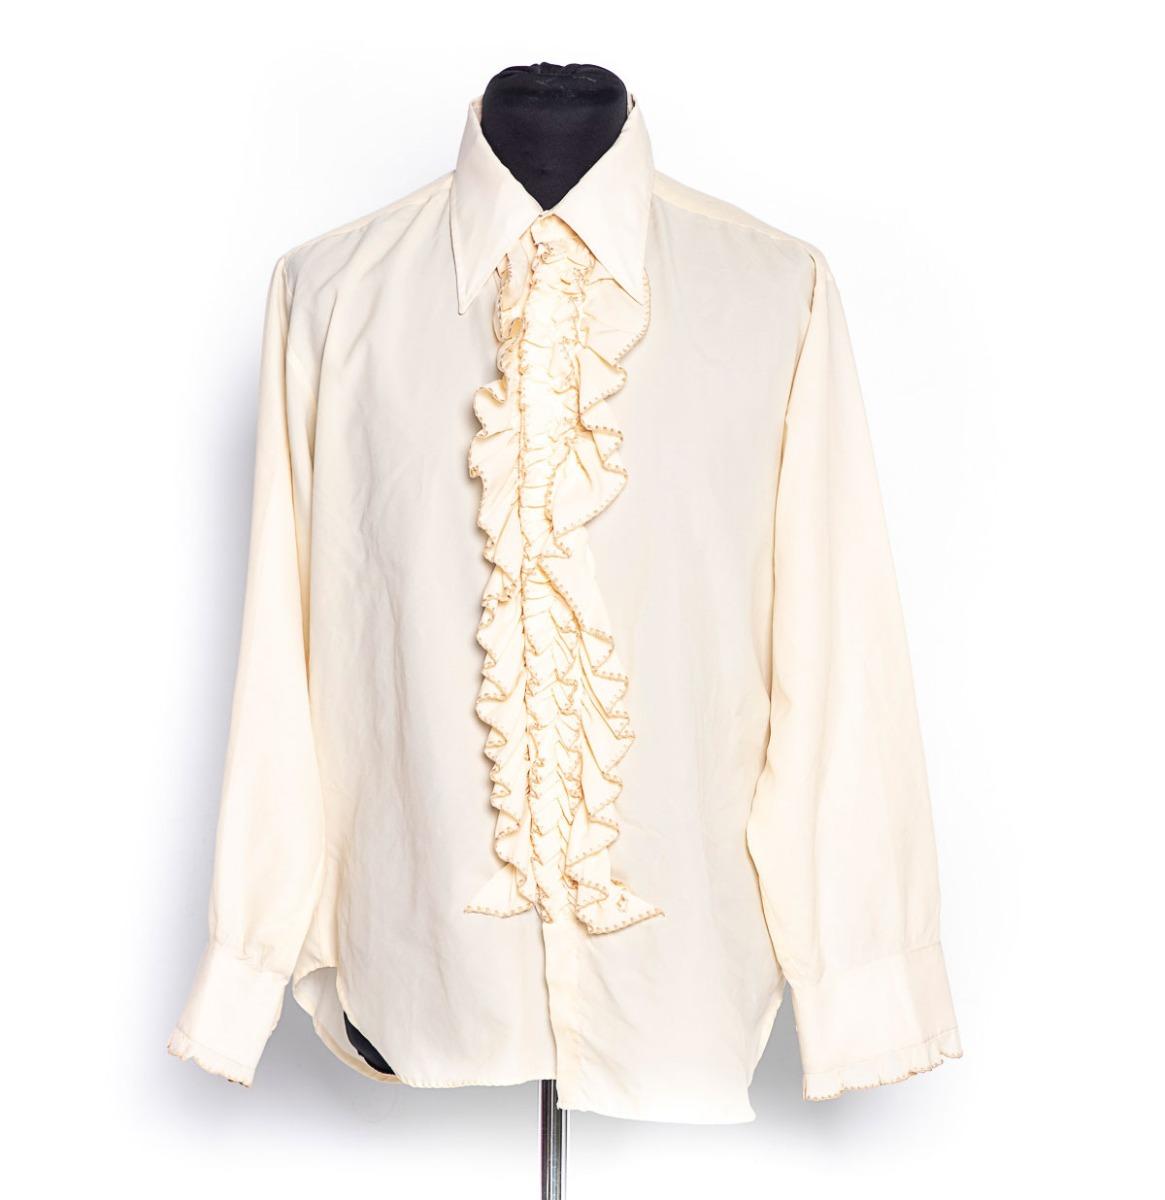 Vintage 60's/70's Beige Nylon Shirt Met Ruches